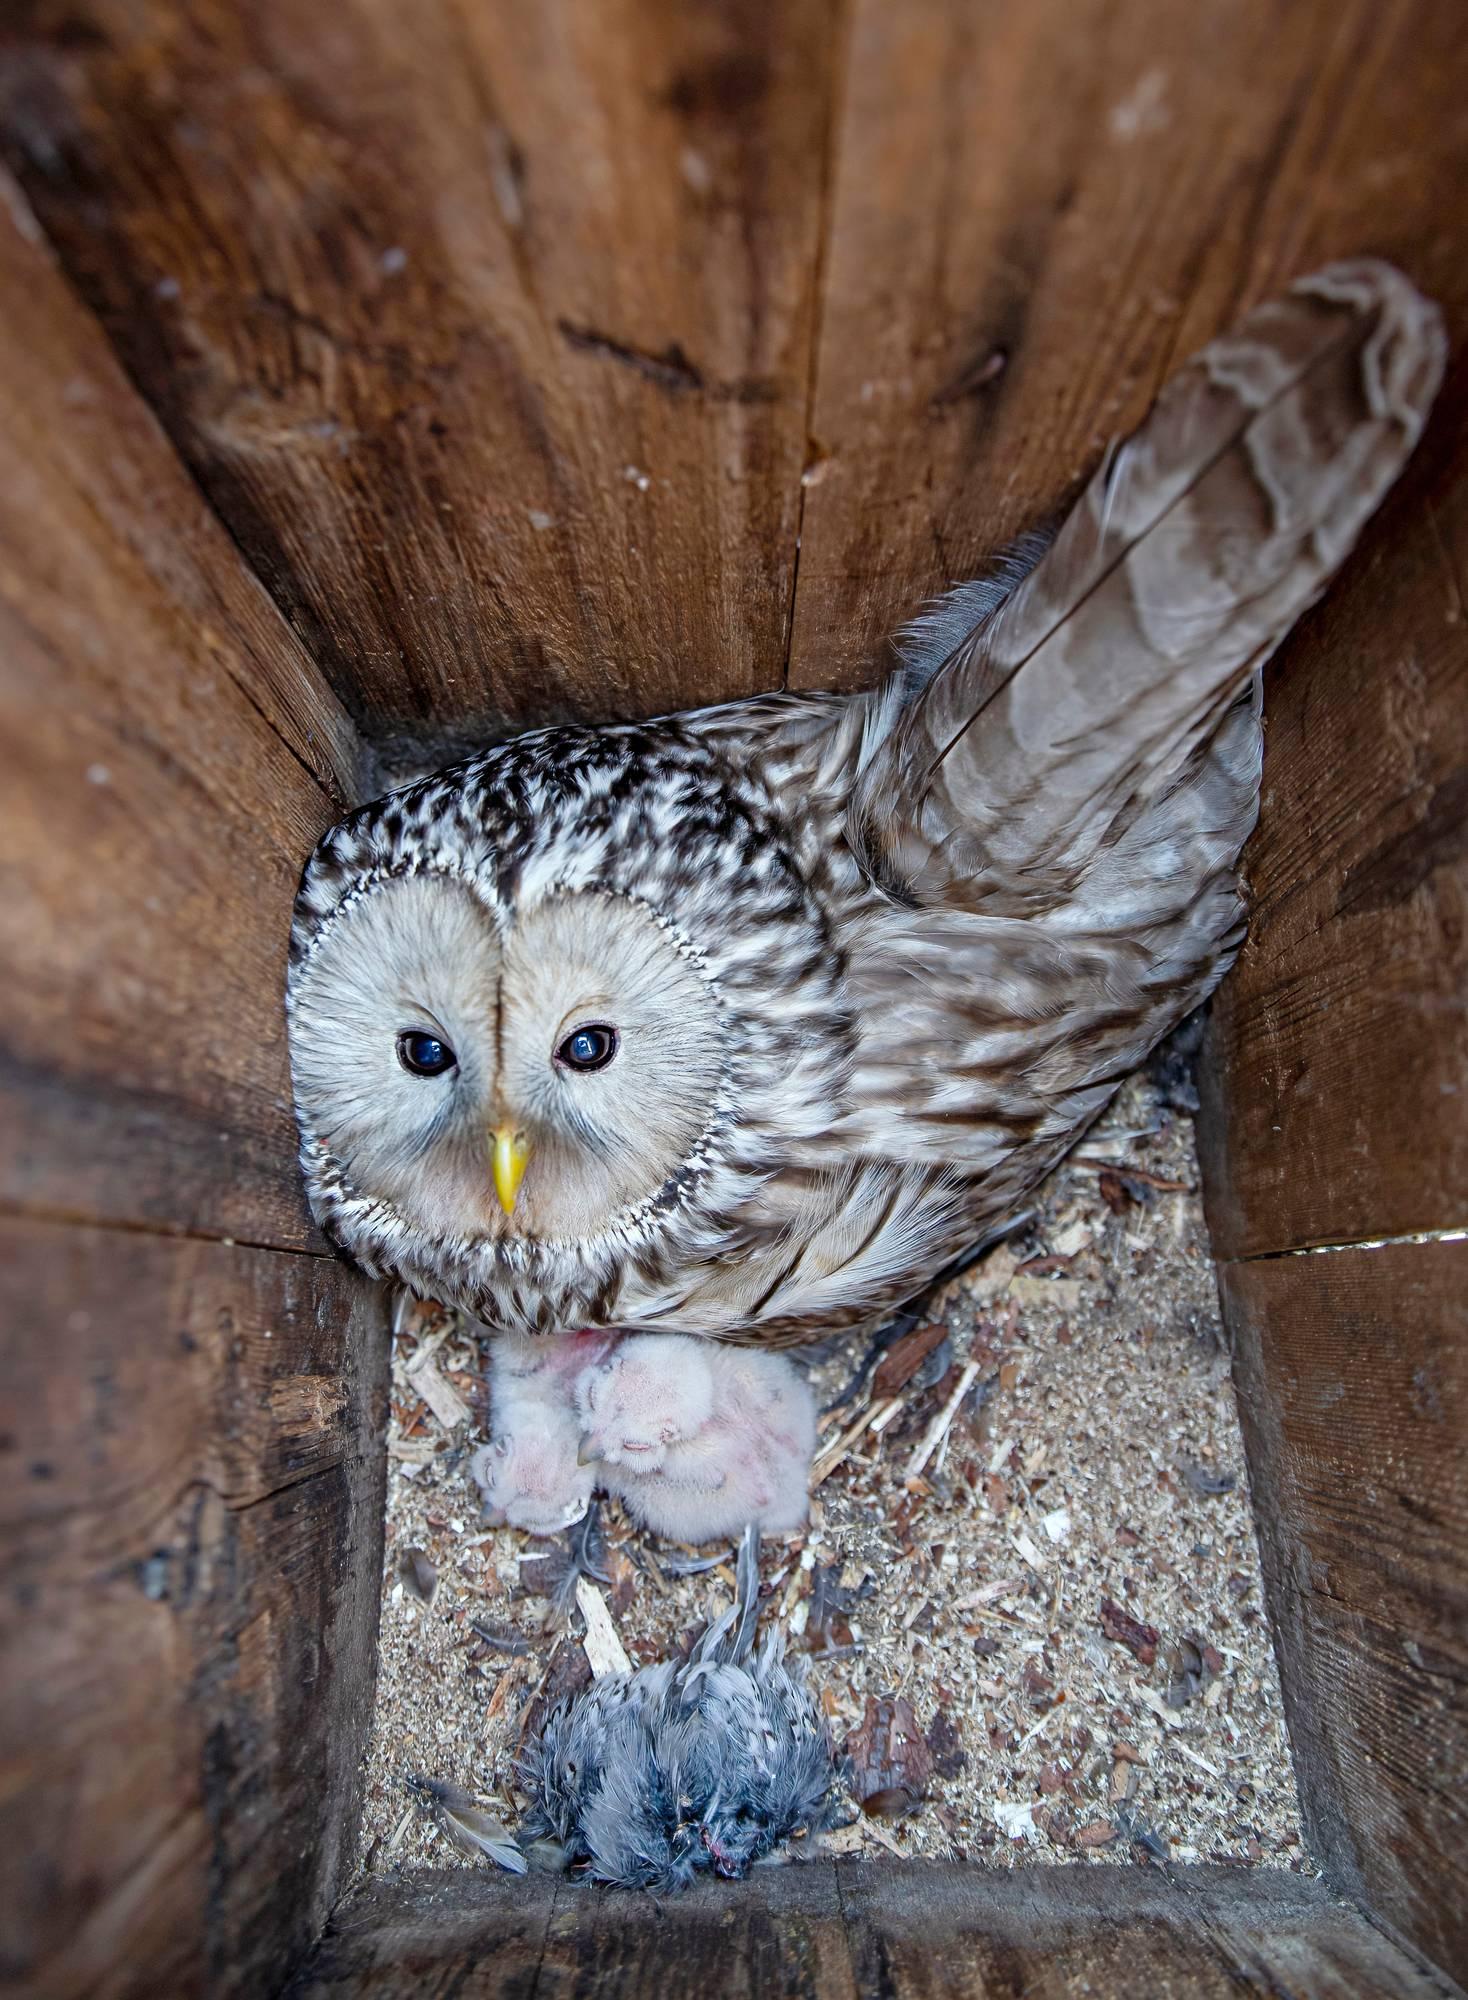 Viirupöllönaaras poikasineen Kukkolan kylässä toukokuussa 2019.